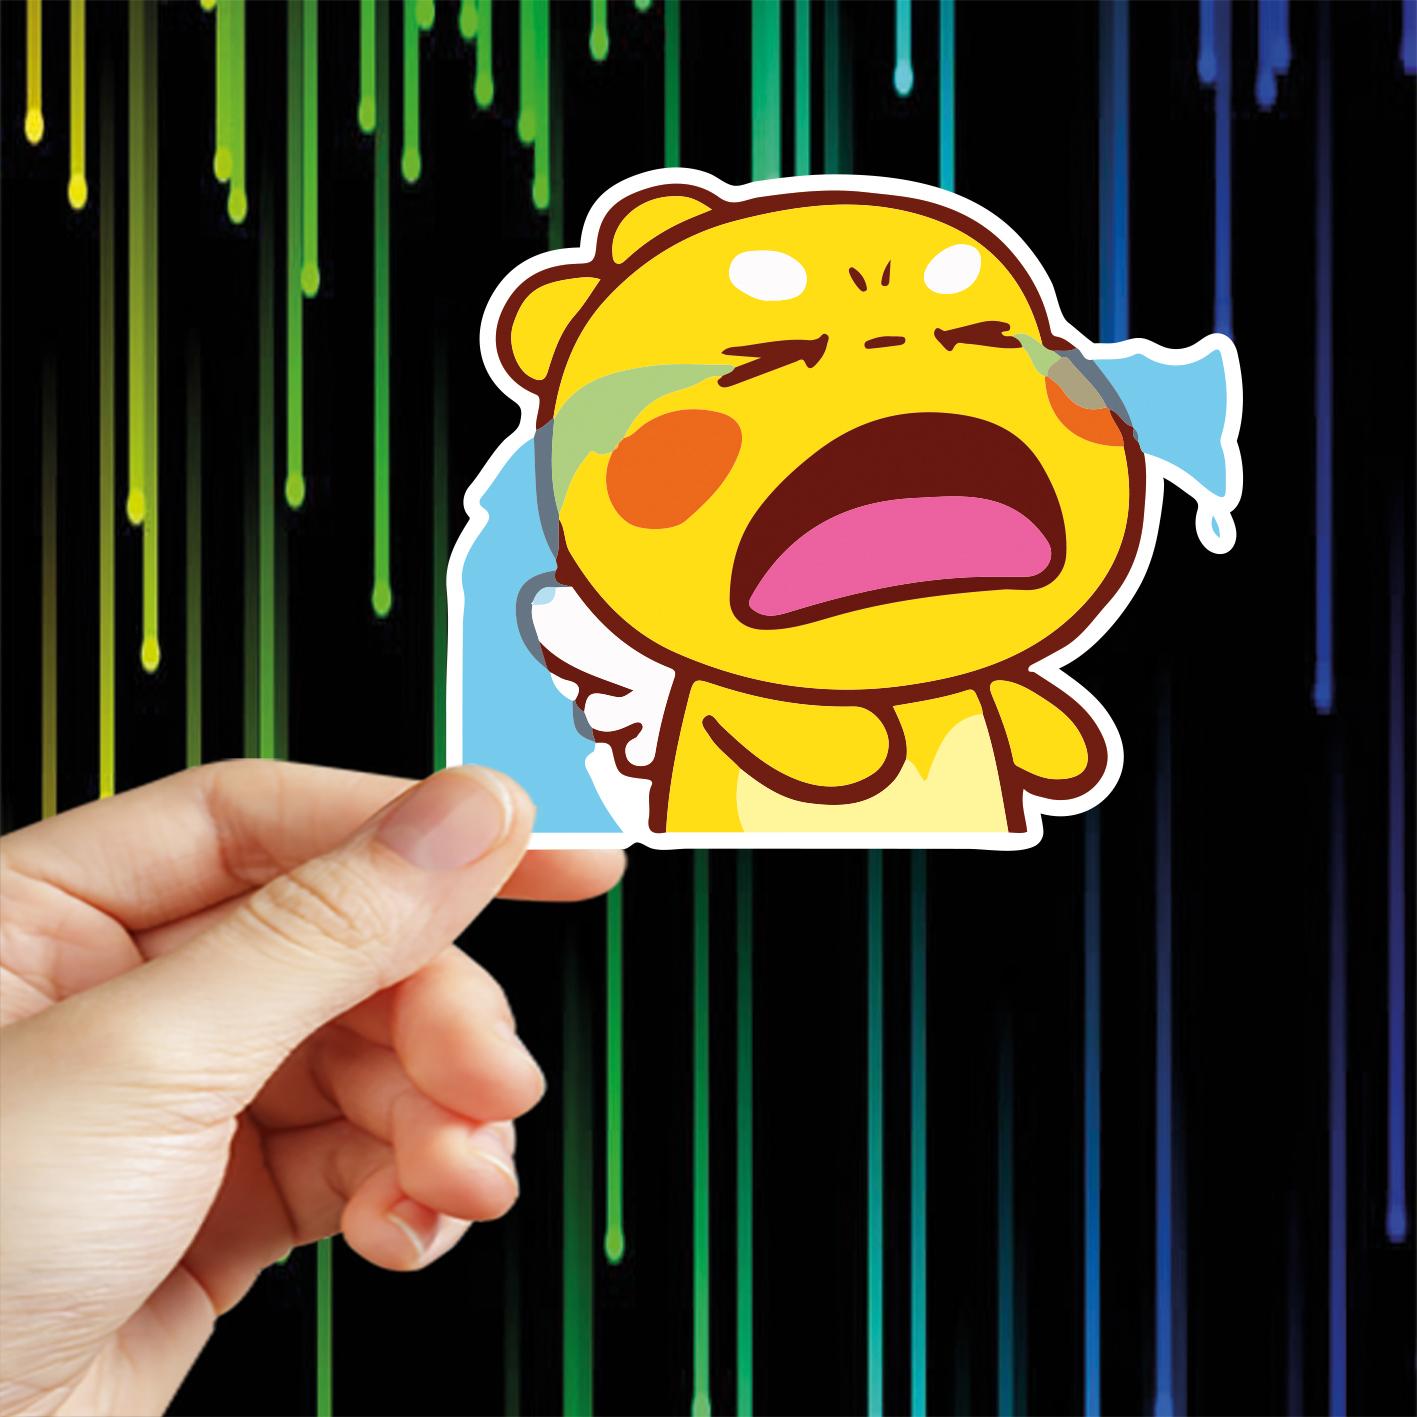 24 Hình Dán Tem Rồng Con chủ đề Good Night , Sticker được cắt sẳn bằng máy chỉ lột dán, chống nước dùng trang trí nón bảo hiểm, xe máy, laptop, điện thoại....